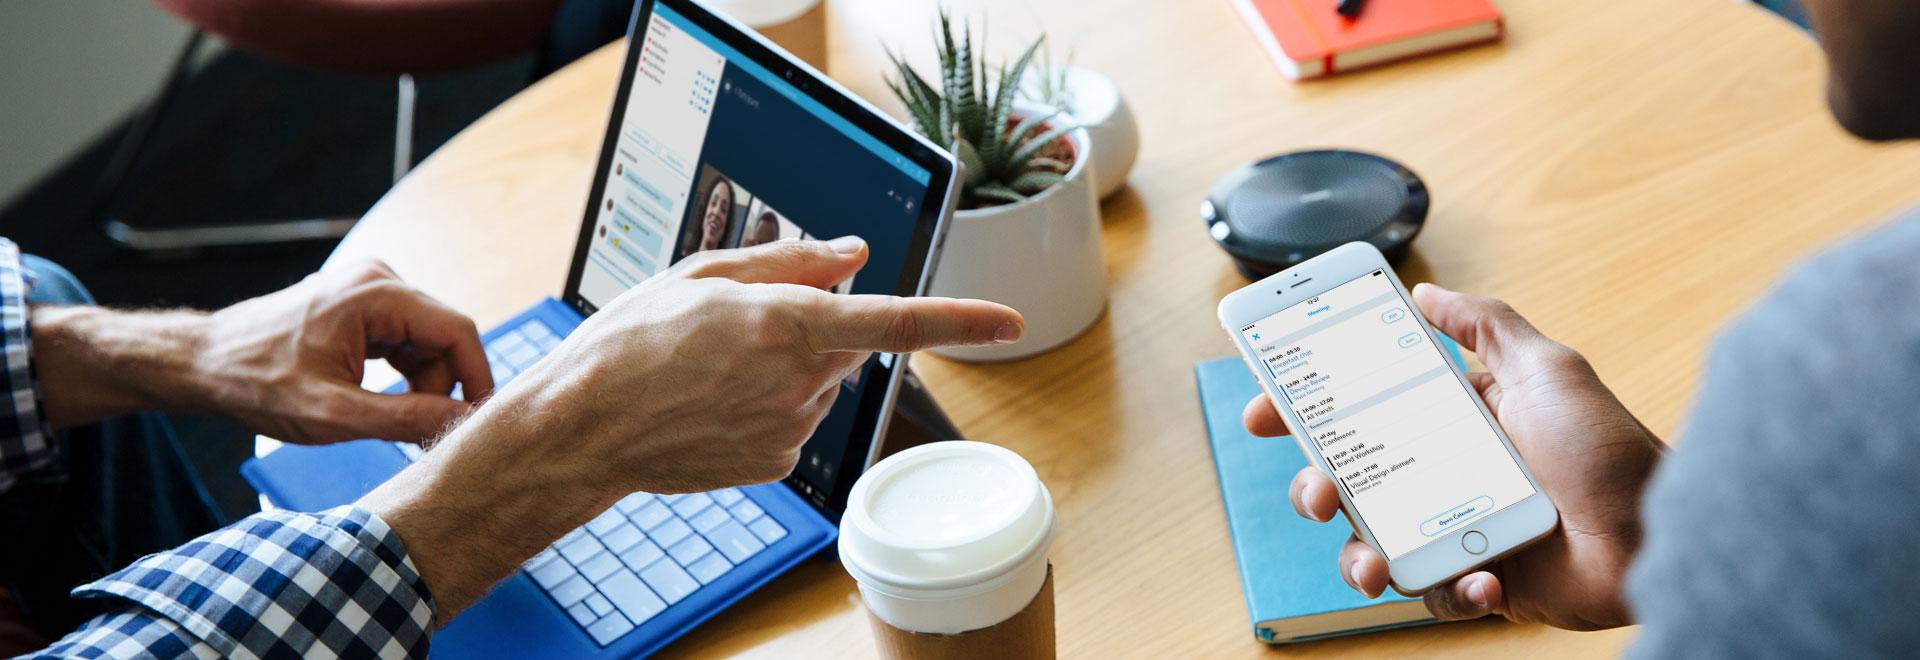 Dos personas en un escritorio, una con un teléfono y la otra con un portátil usando Skype for Business